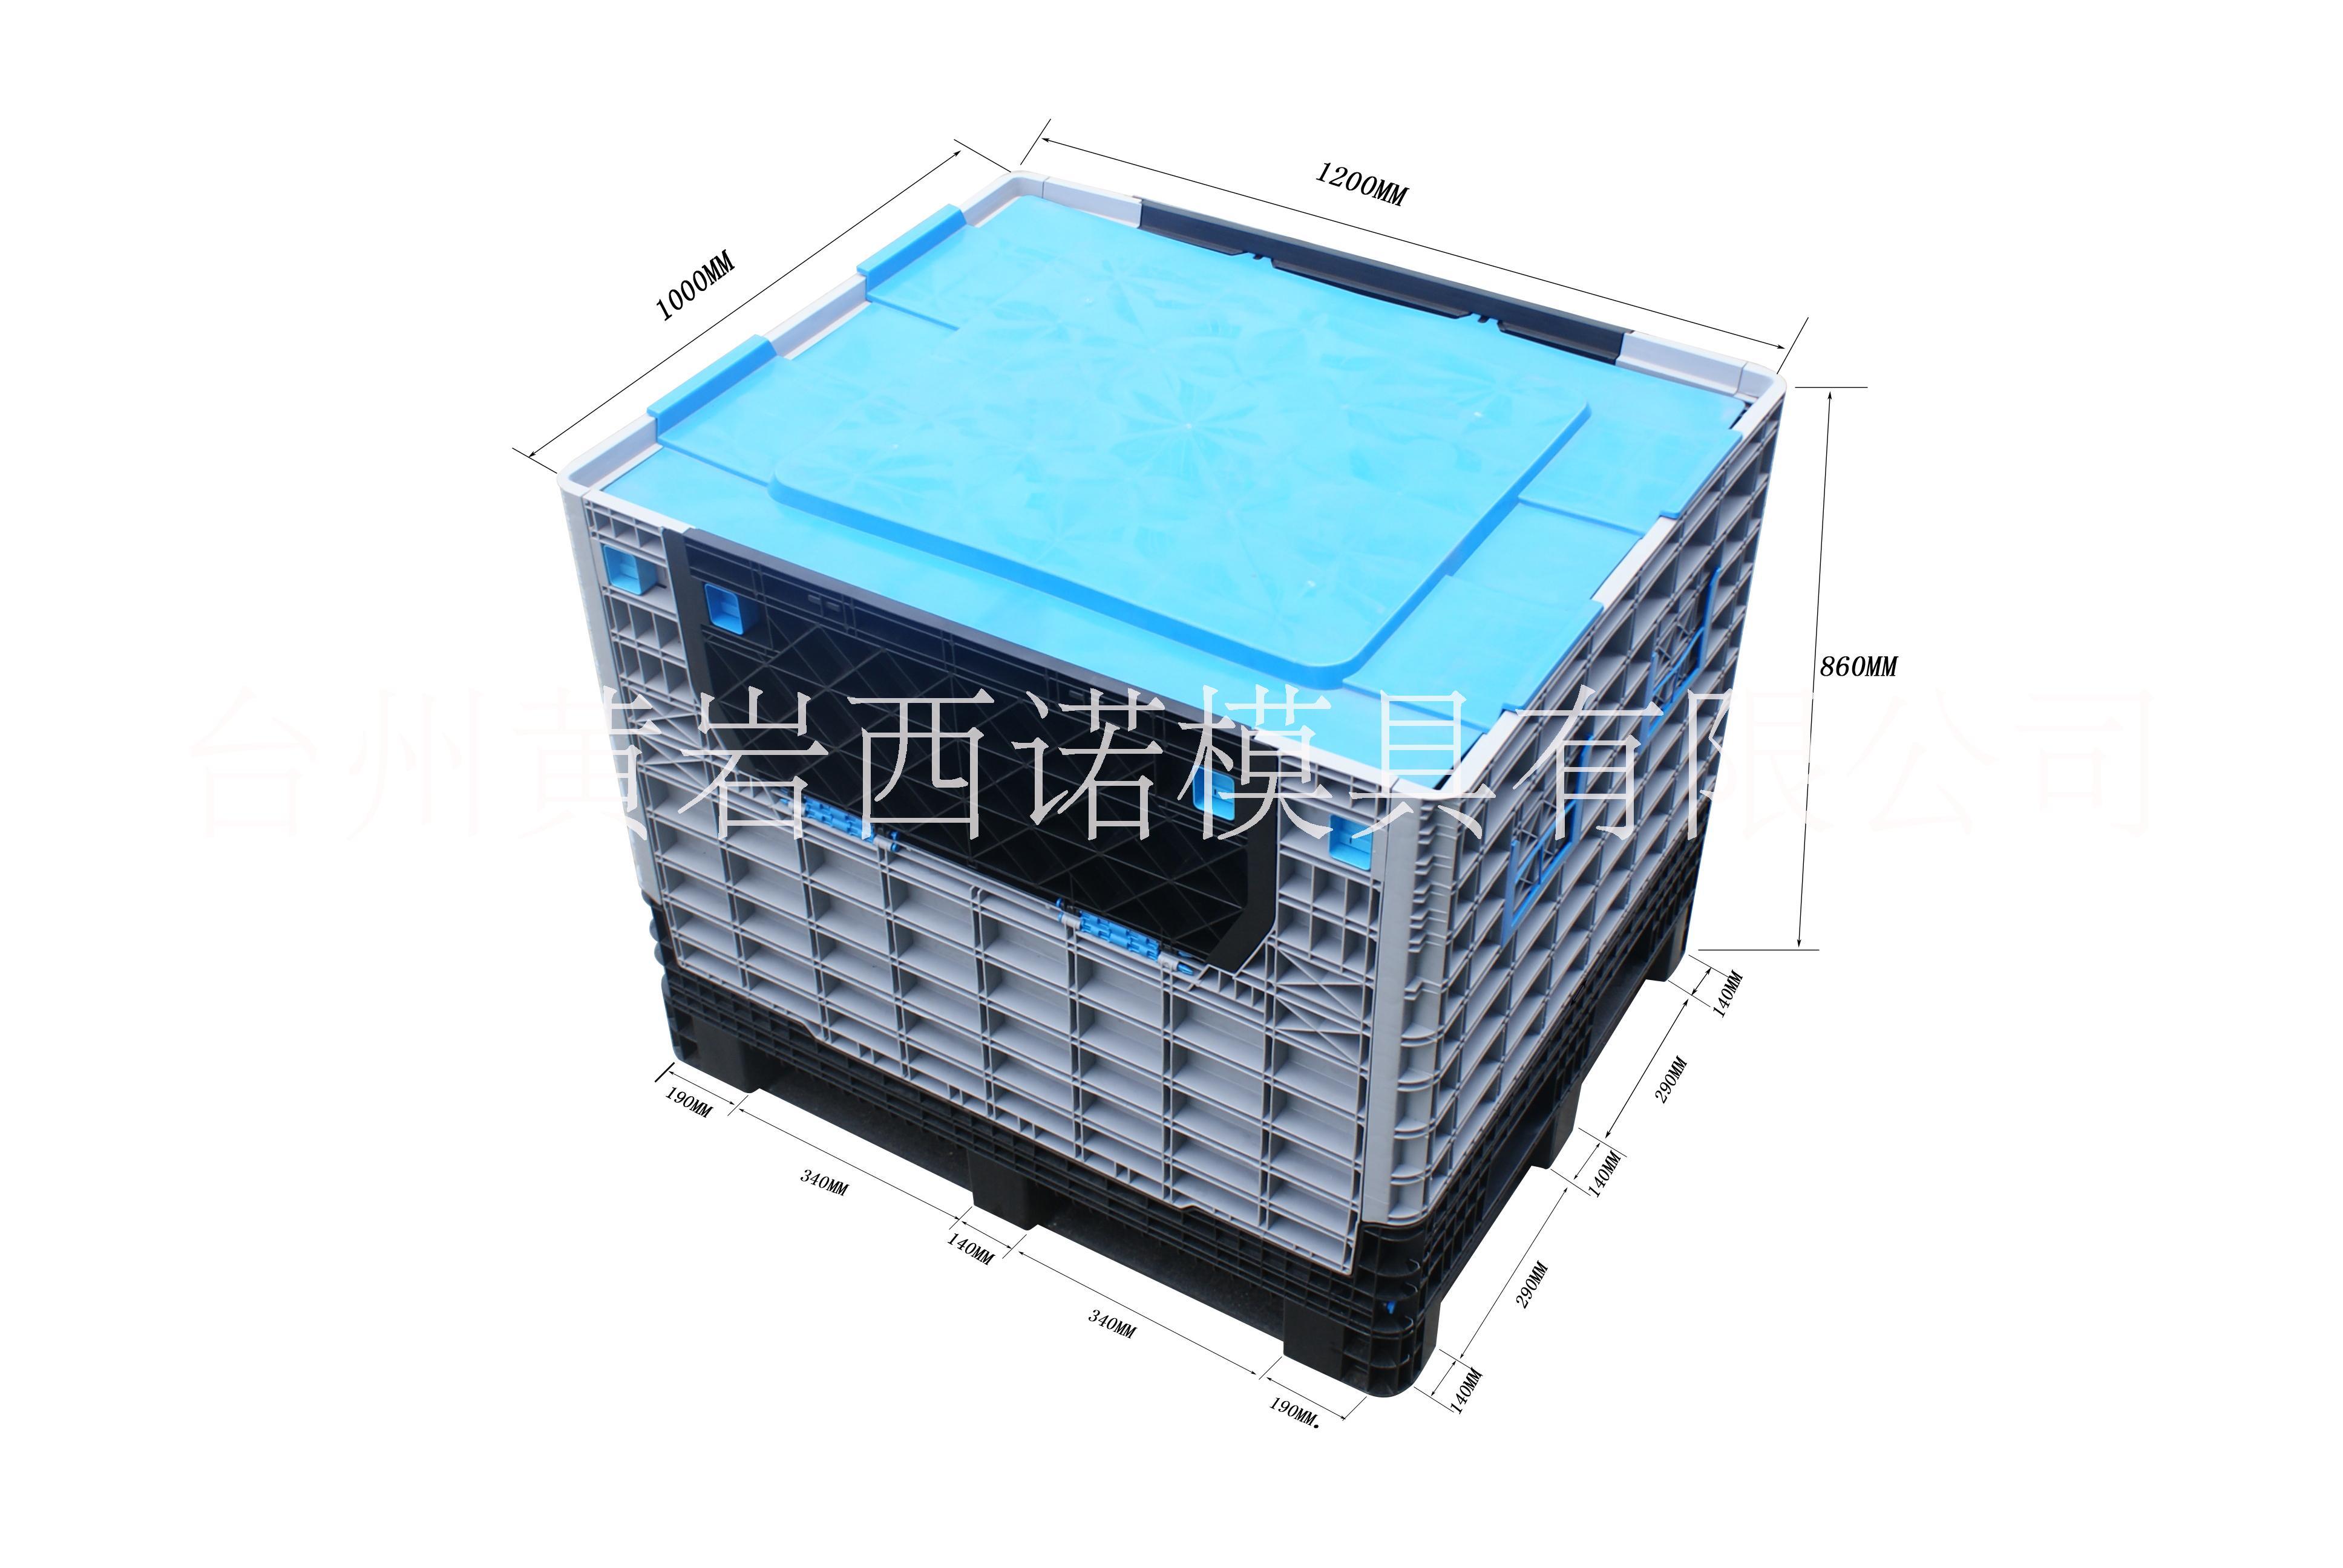 西诺折叠卡板箱 箱式托盘 1200*1000*860mm 带盖子卡板箱 大型周转卡板箱